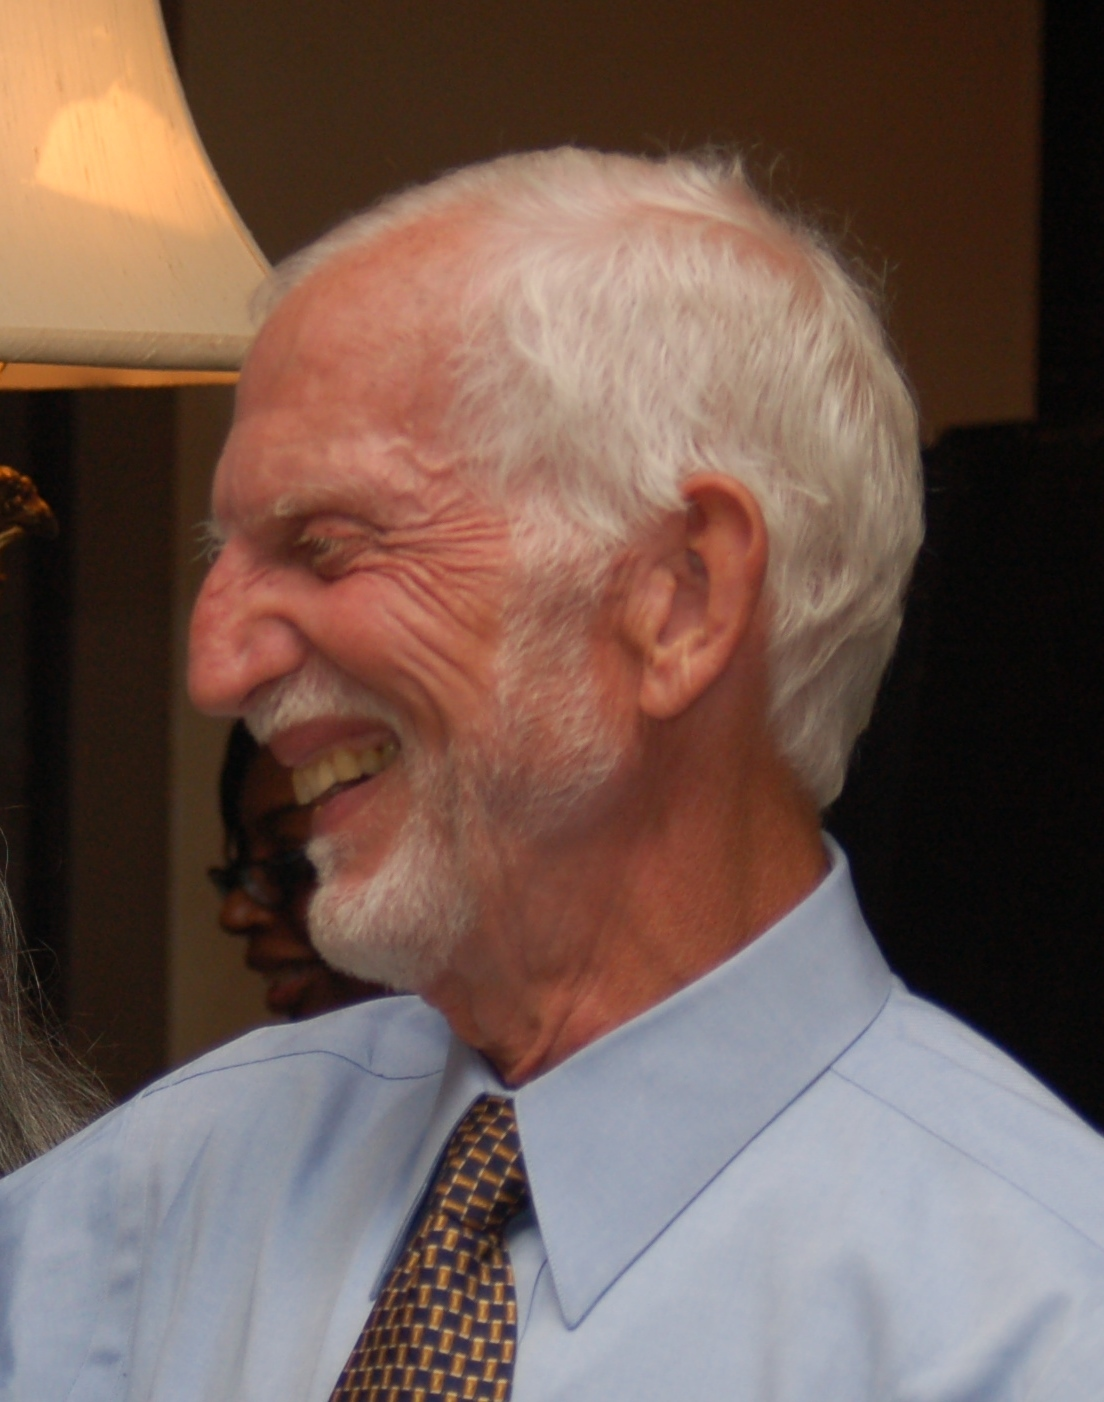 john thomas edgar anderson obituary navarre fl mclane funeral john thomas edgar anderson obituary navarre fl mclane funeral services valdosta hahira lake park